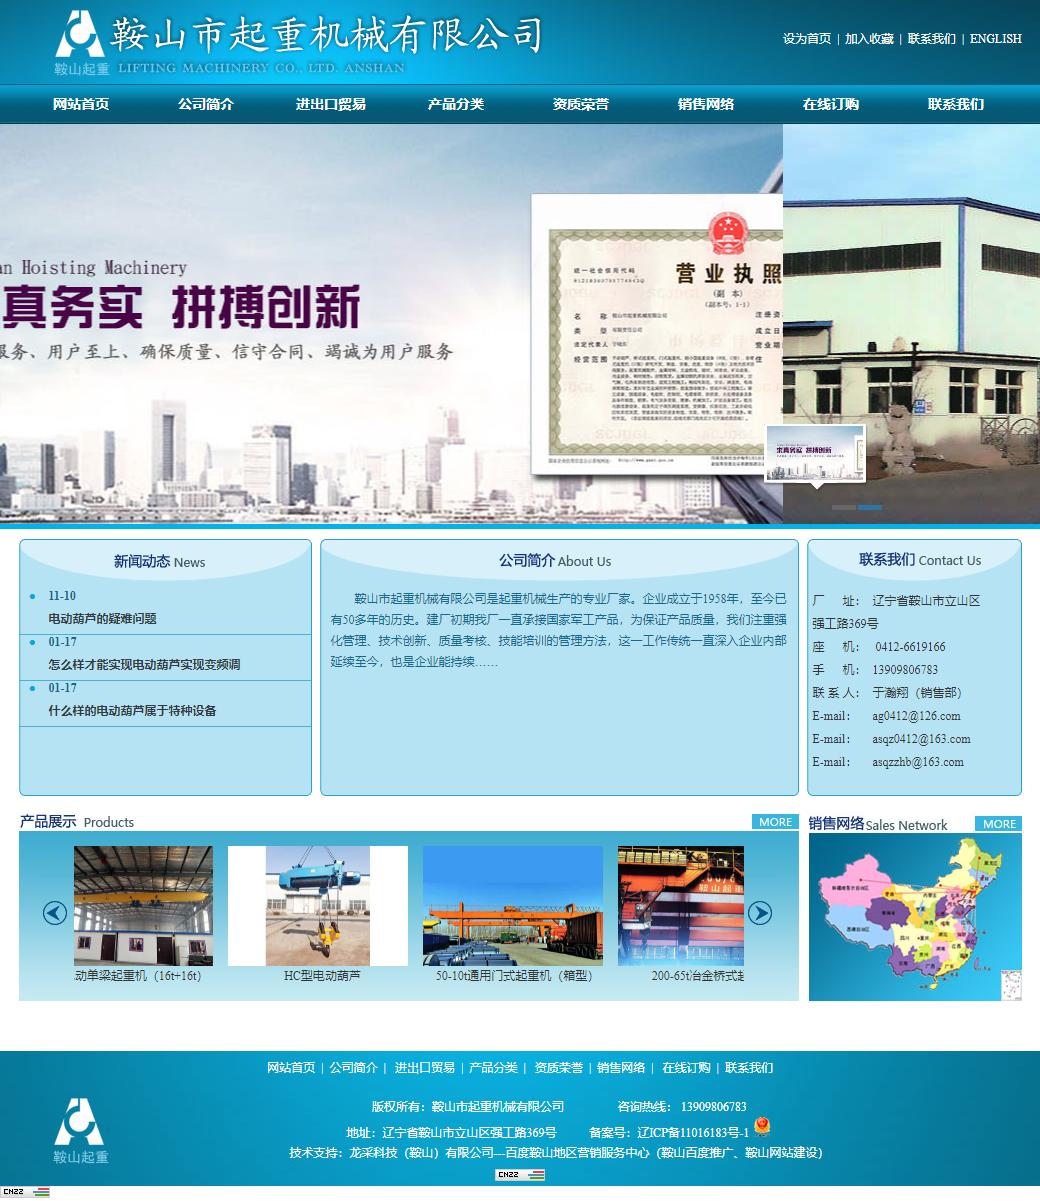 鞍山市起重机械有限公司网站案例